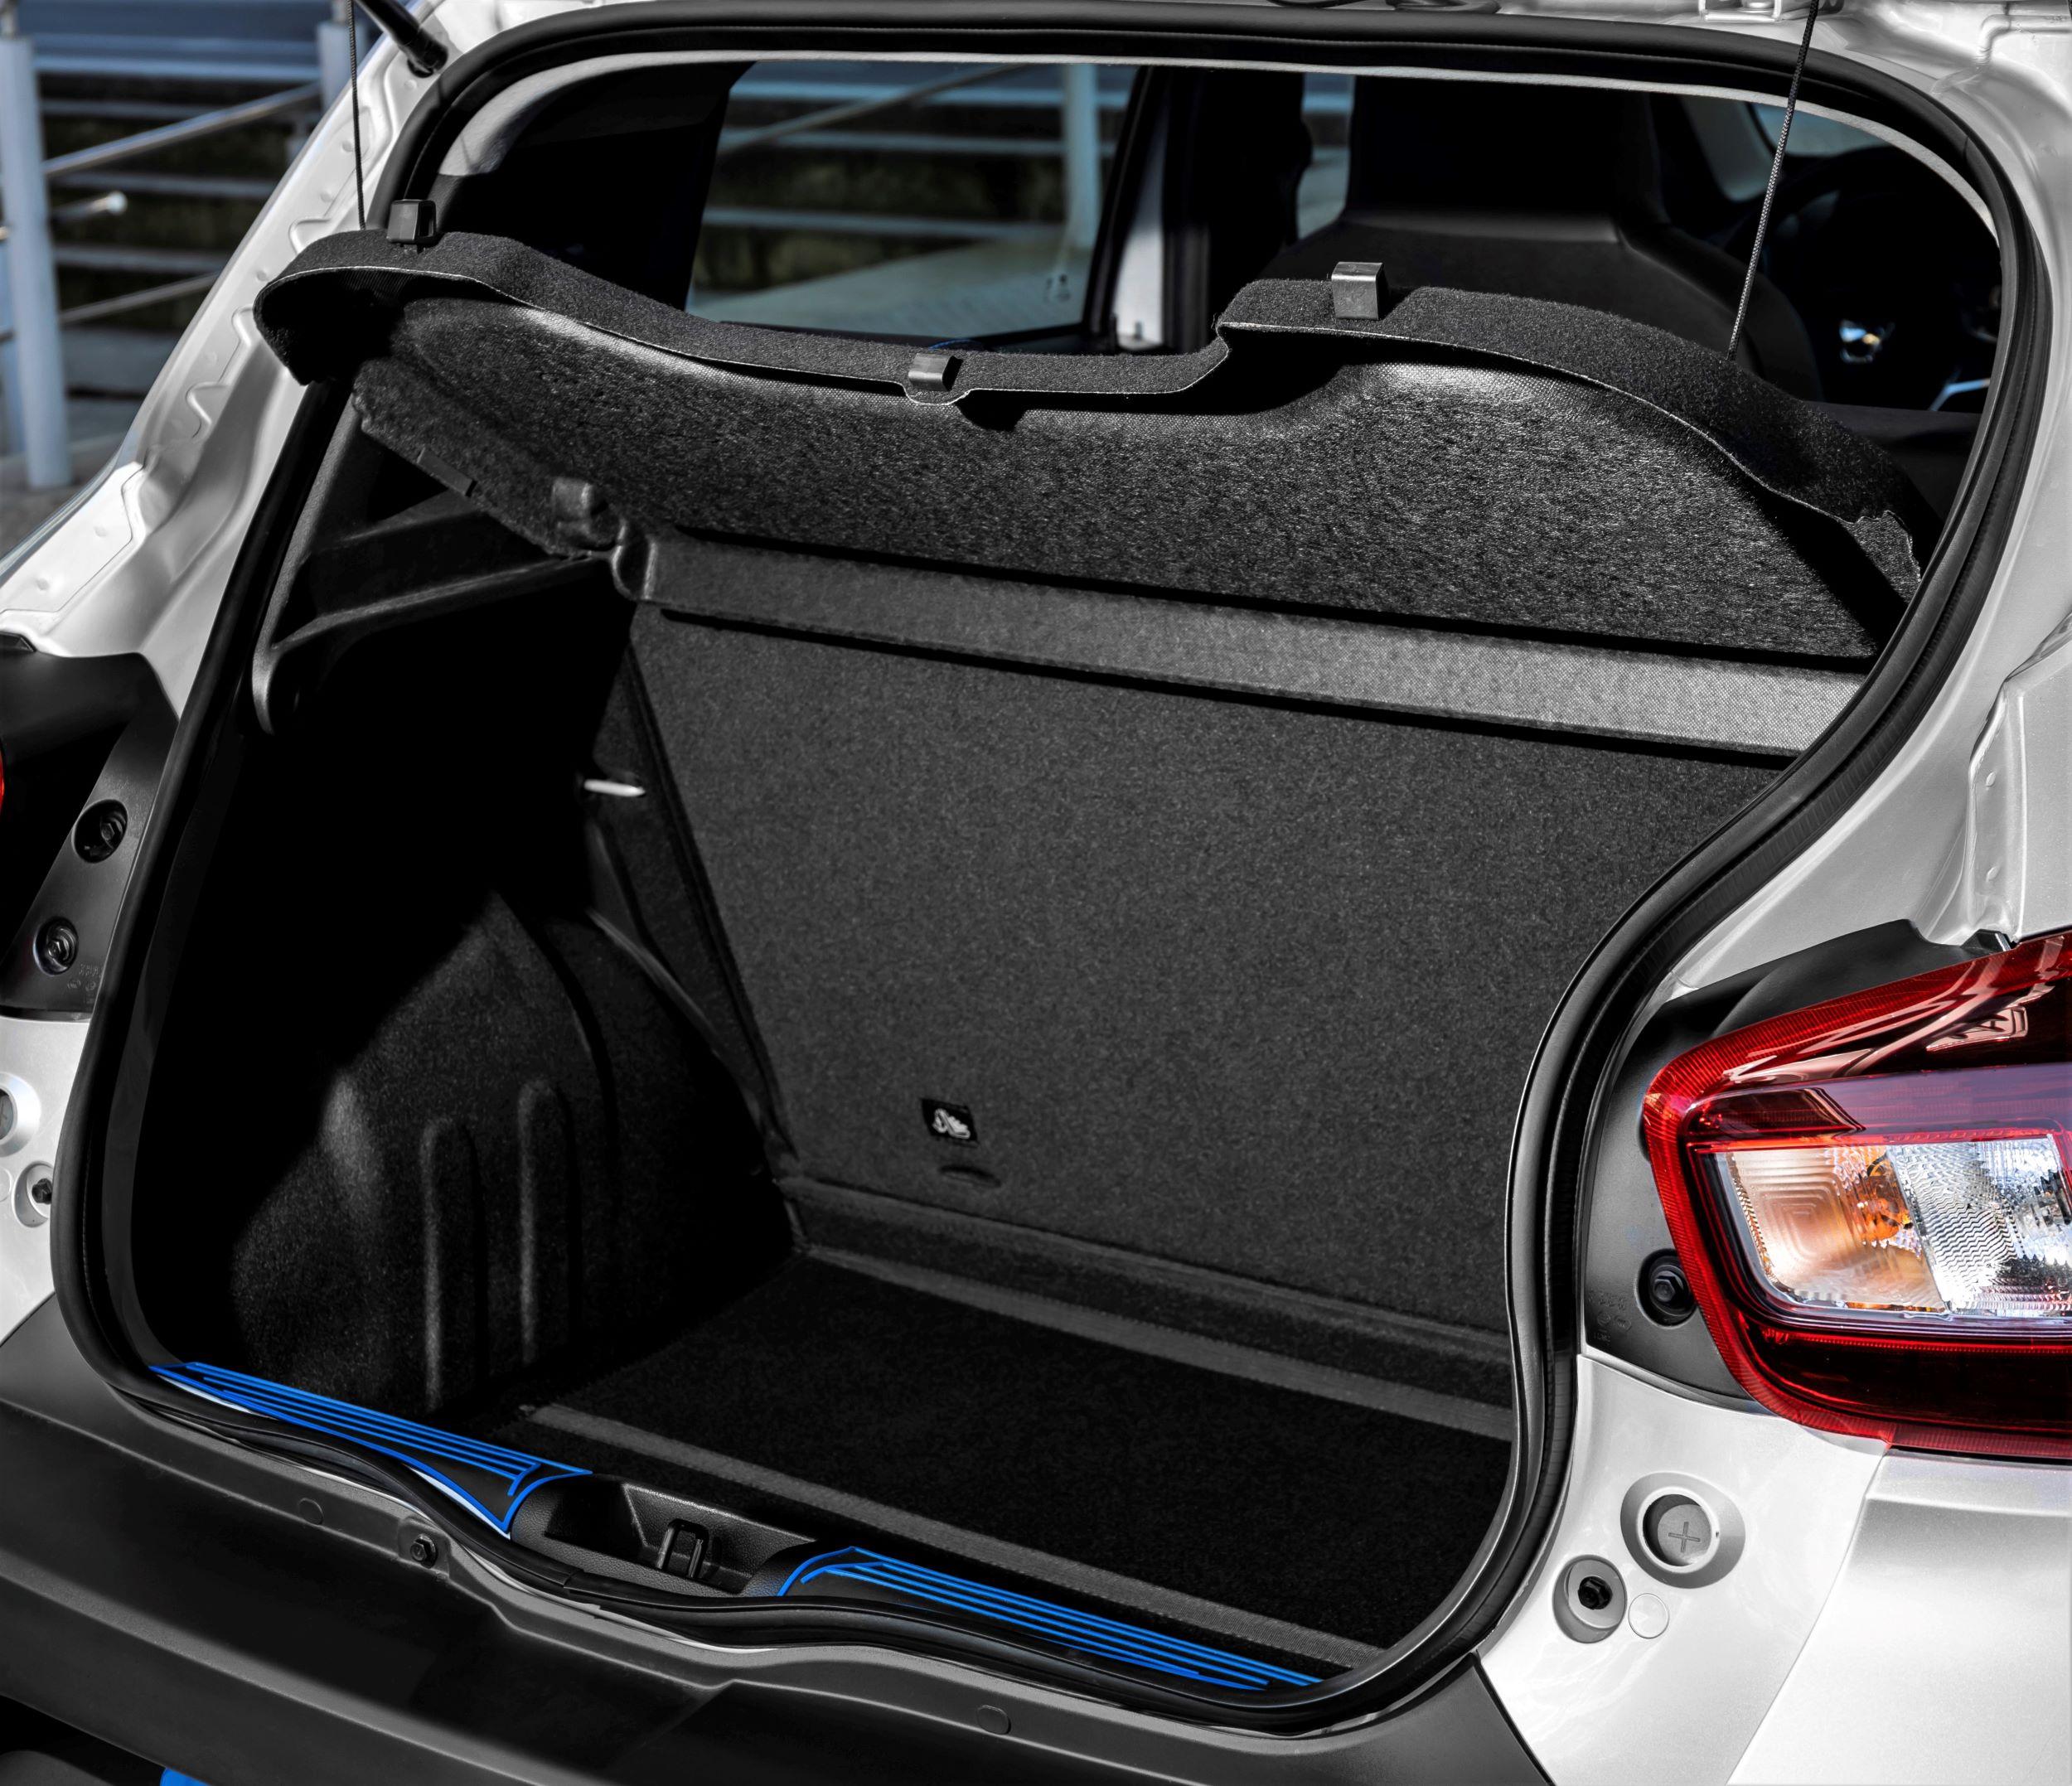 2021 - New Dacia Spring(3)